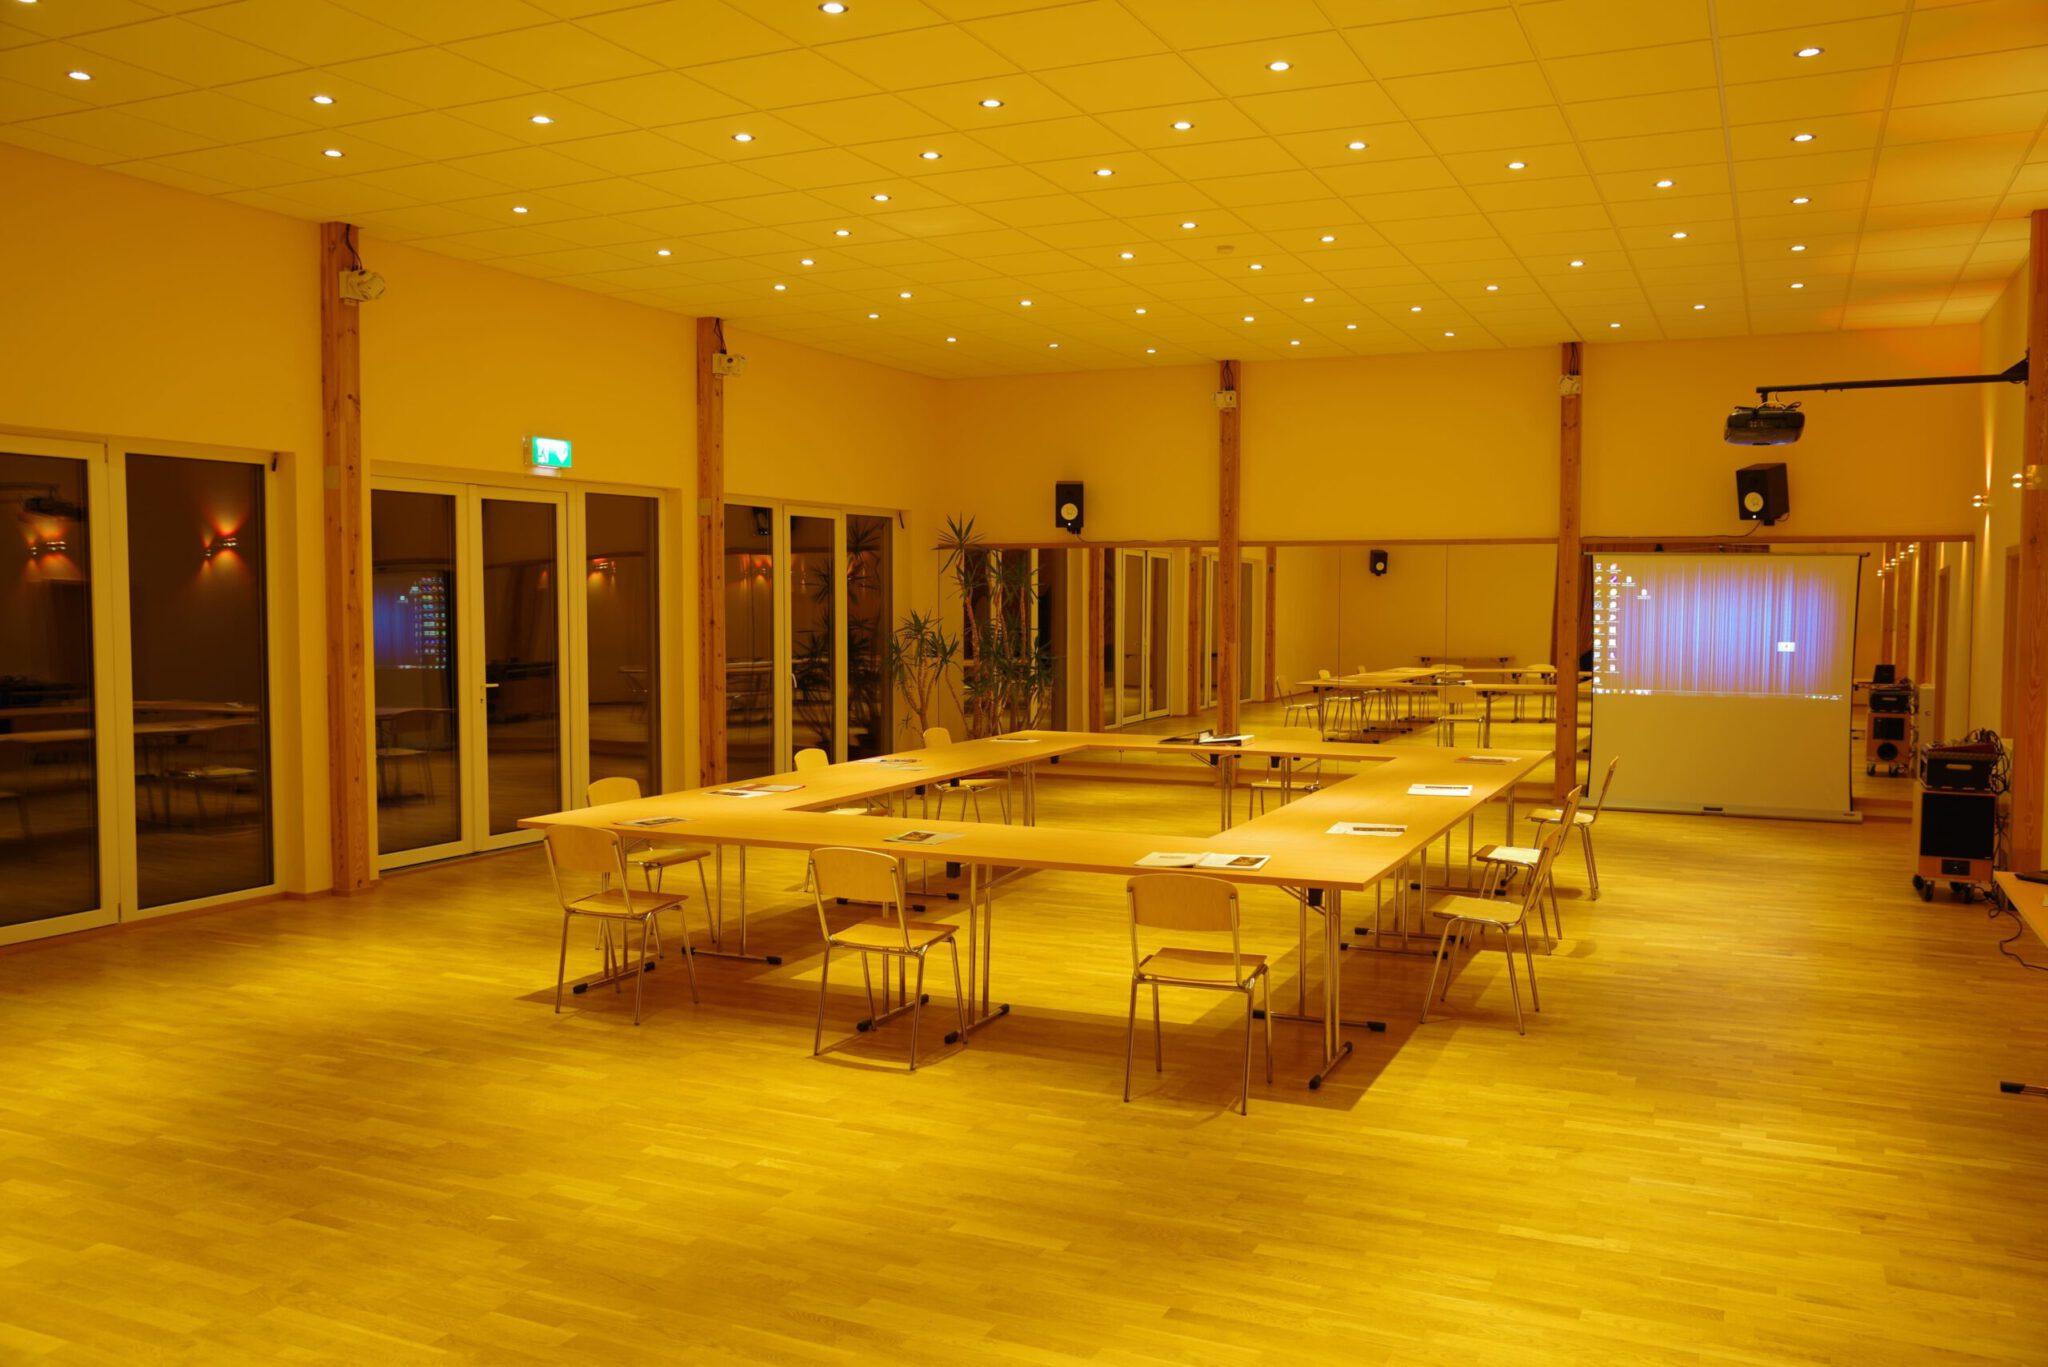 Saal für seminar